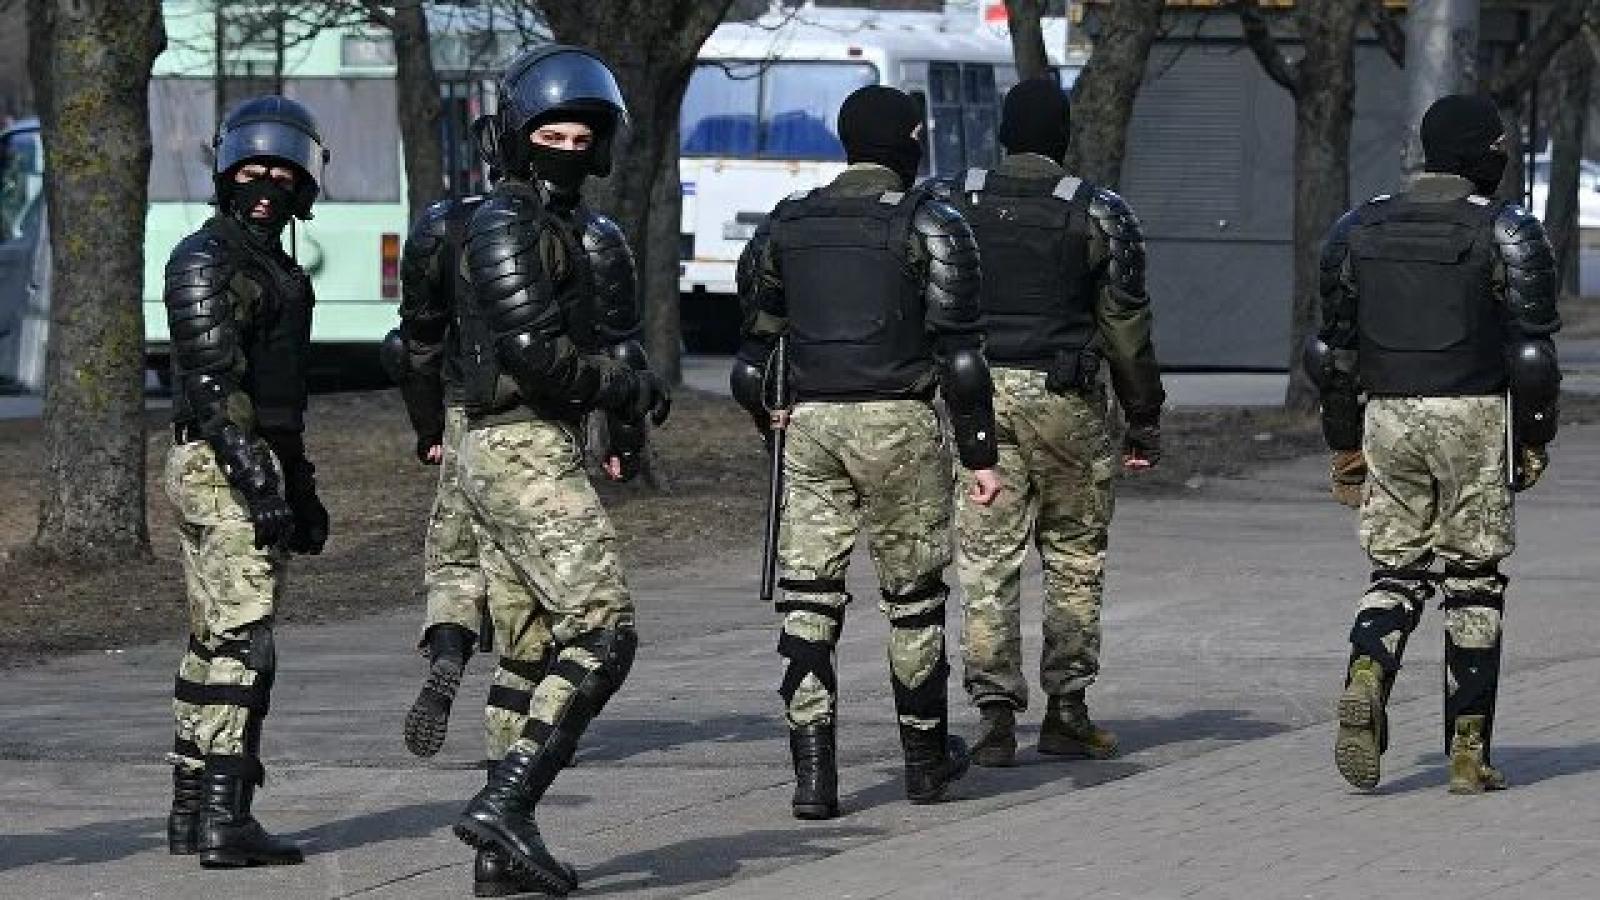 Cơ quan An ninh LB Nga bắt giữ hai người chuẩn bị đảo chính ở Belarus